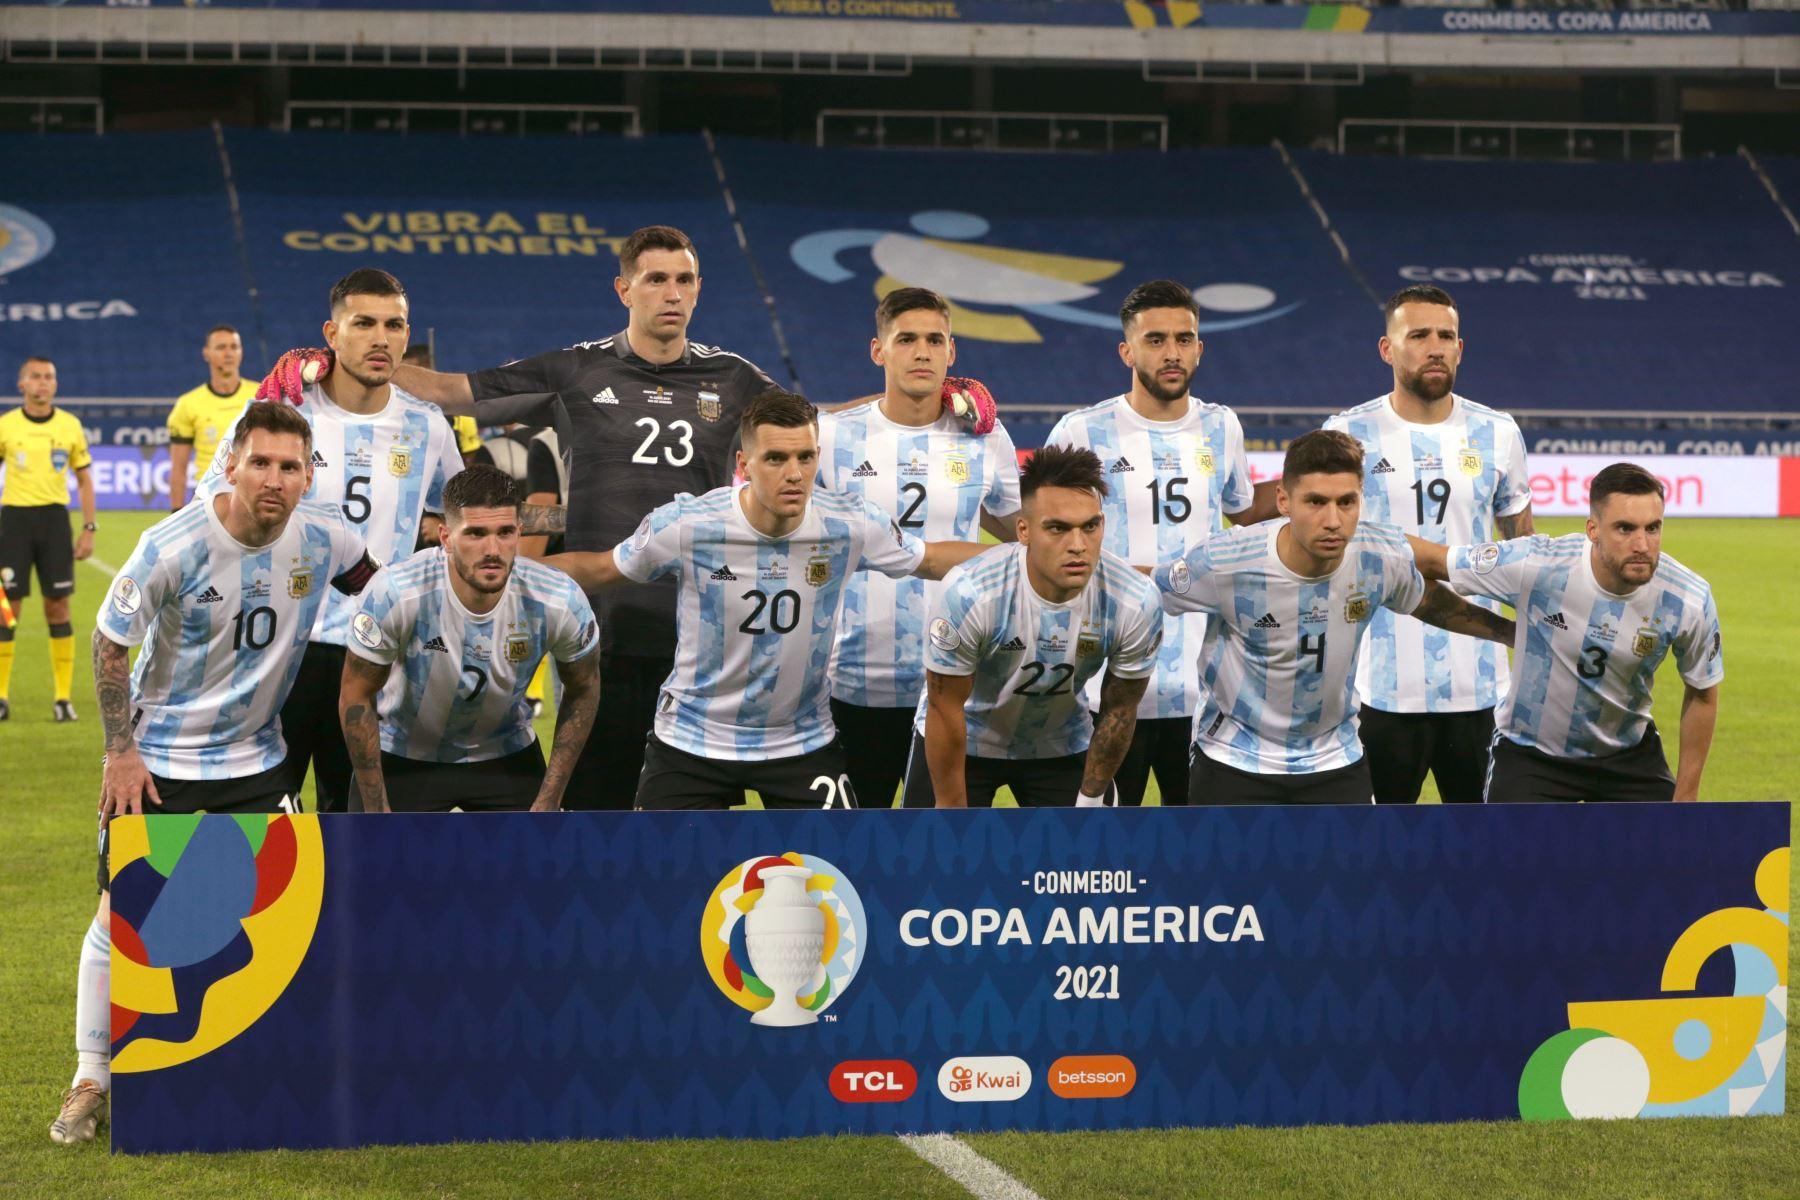 Jugadores de Argentina forman hoy, previo a un partido del grupo B de la Copa América entre las selecciones de Argentina y Chile en el estadio Olímpico Nilton Santos en Río de Janeiro (Brasil). Foto: EFE